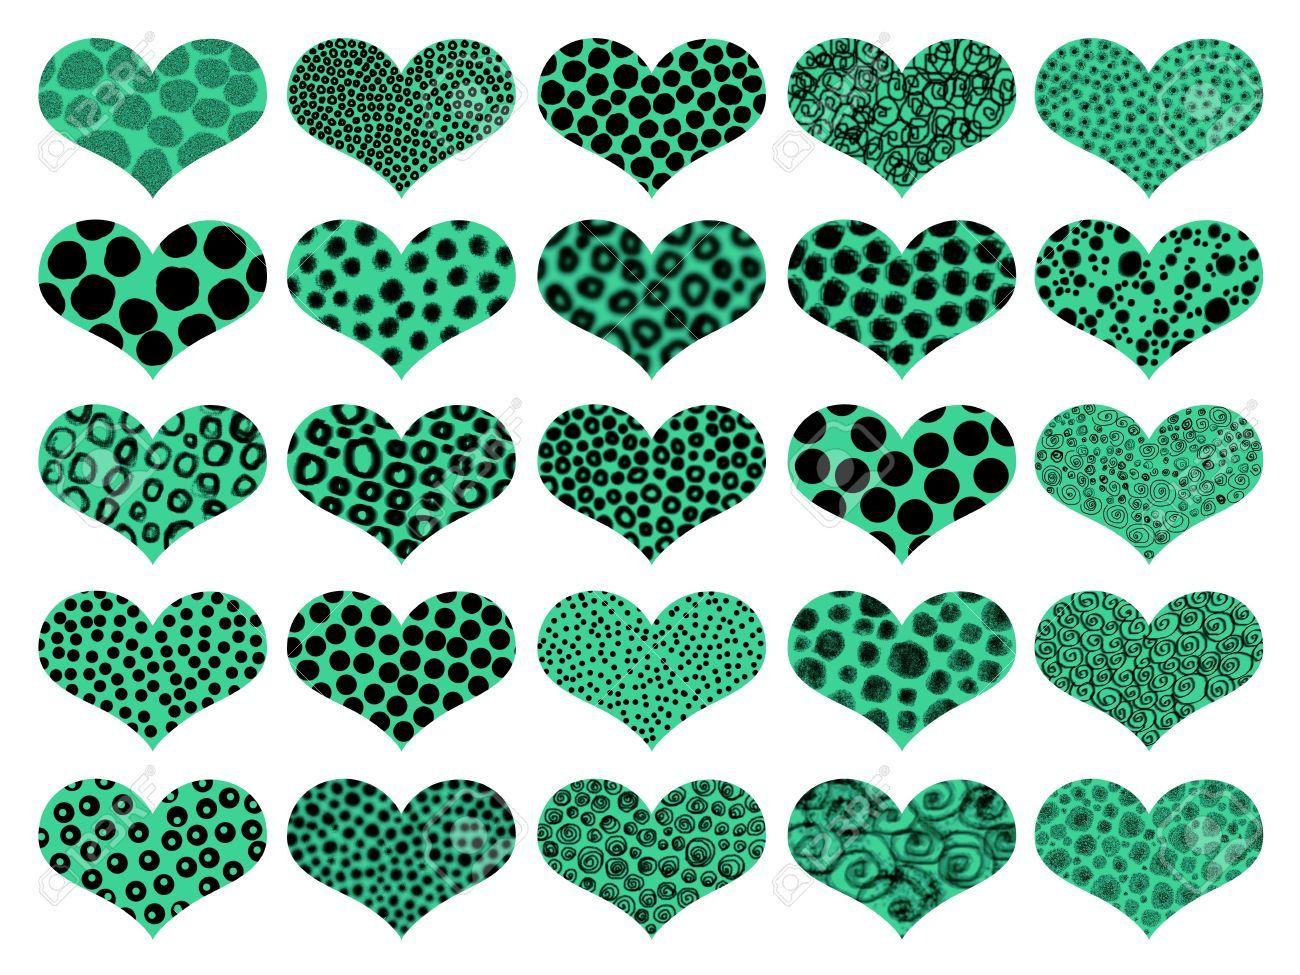 Animalprint. 25 corazones con diferentes texturas verdes y negros ...